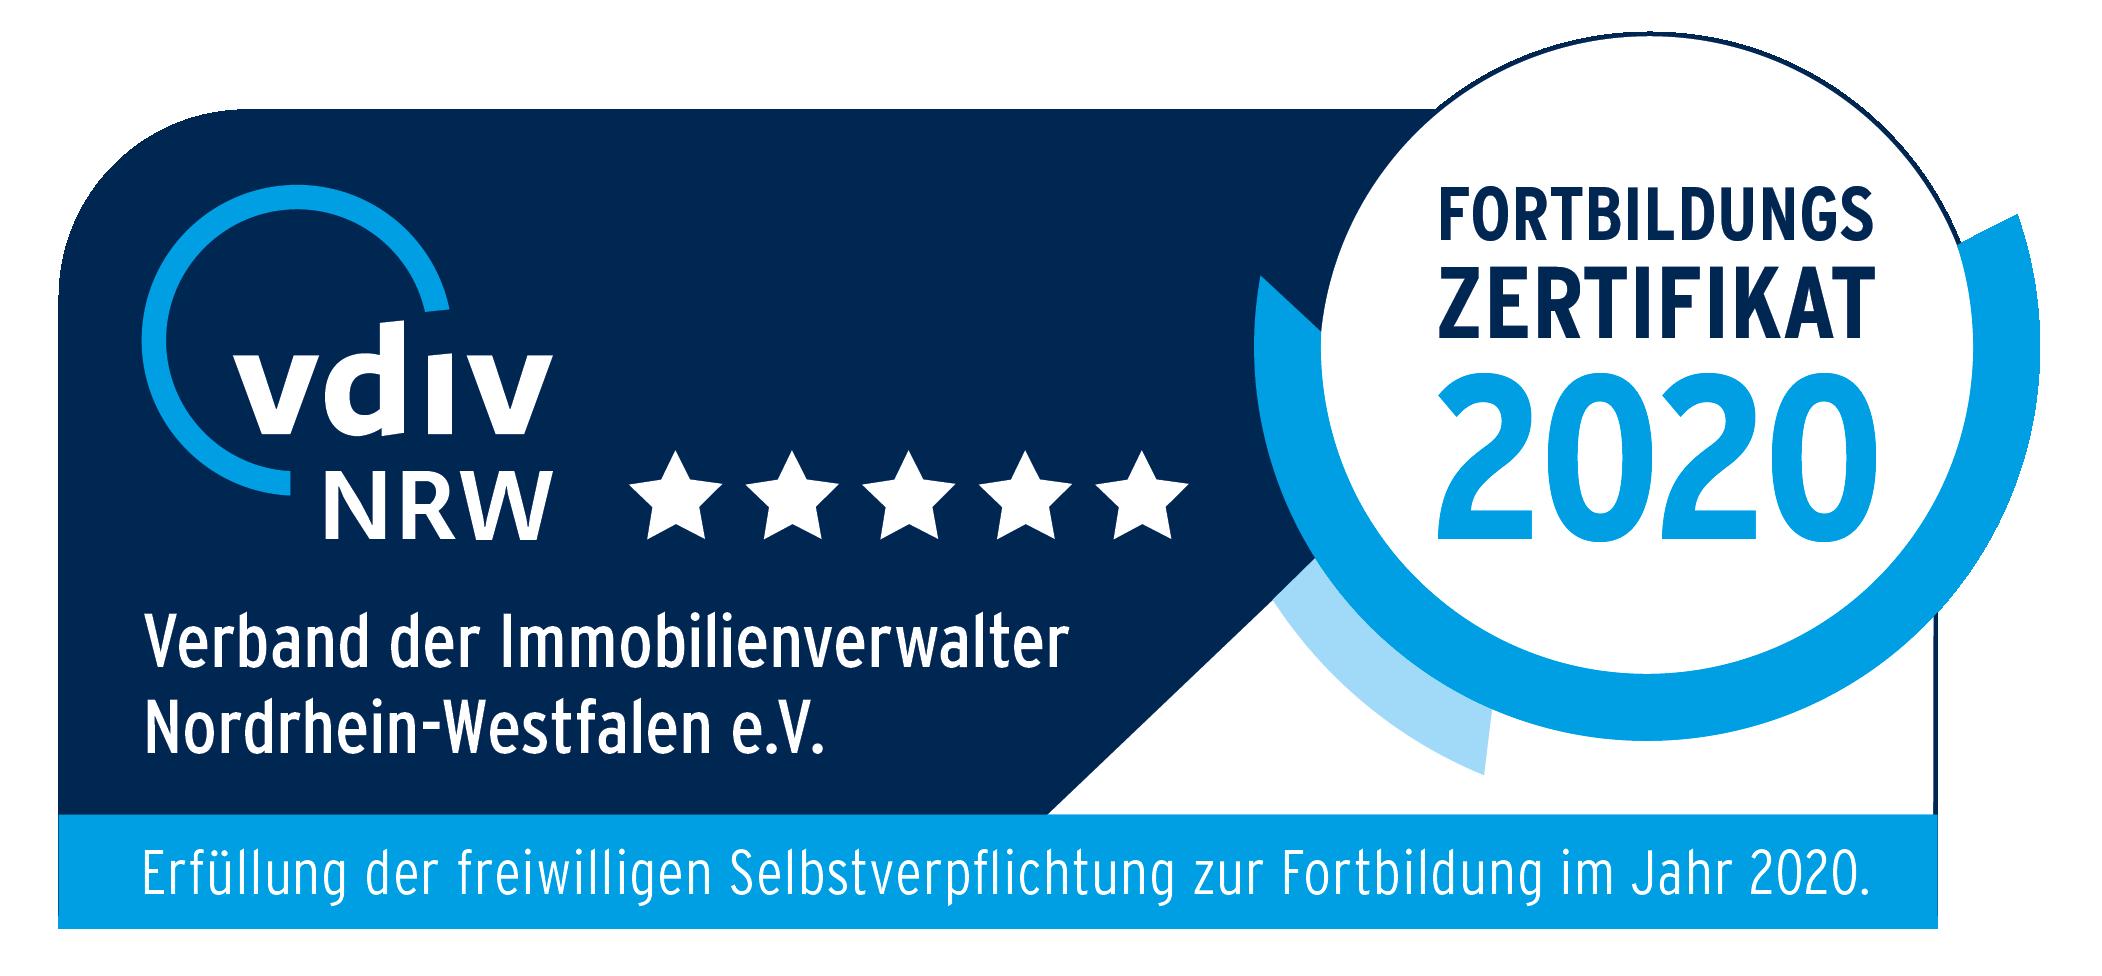 Mitglied im Verband der nordrhein-westfälischen Immobilienverwalter e.V.